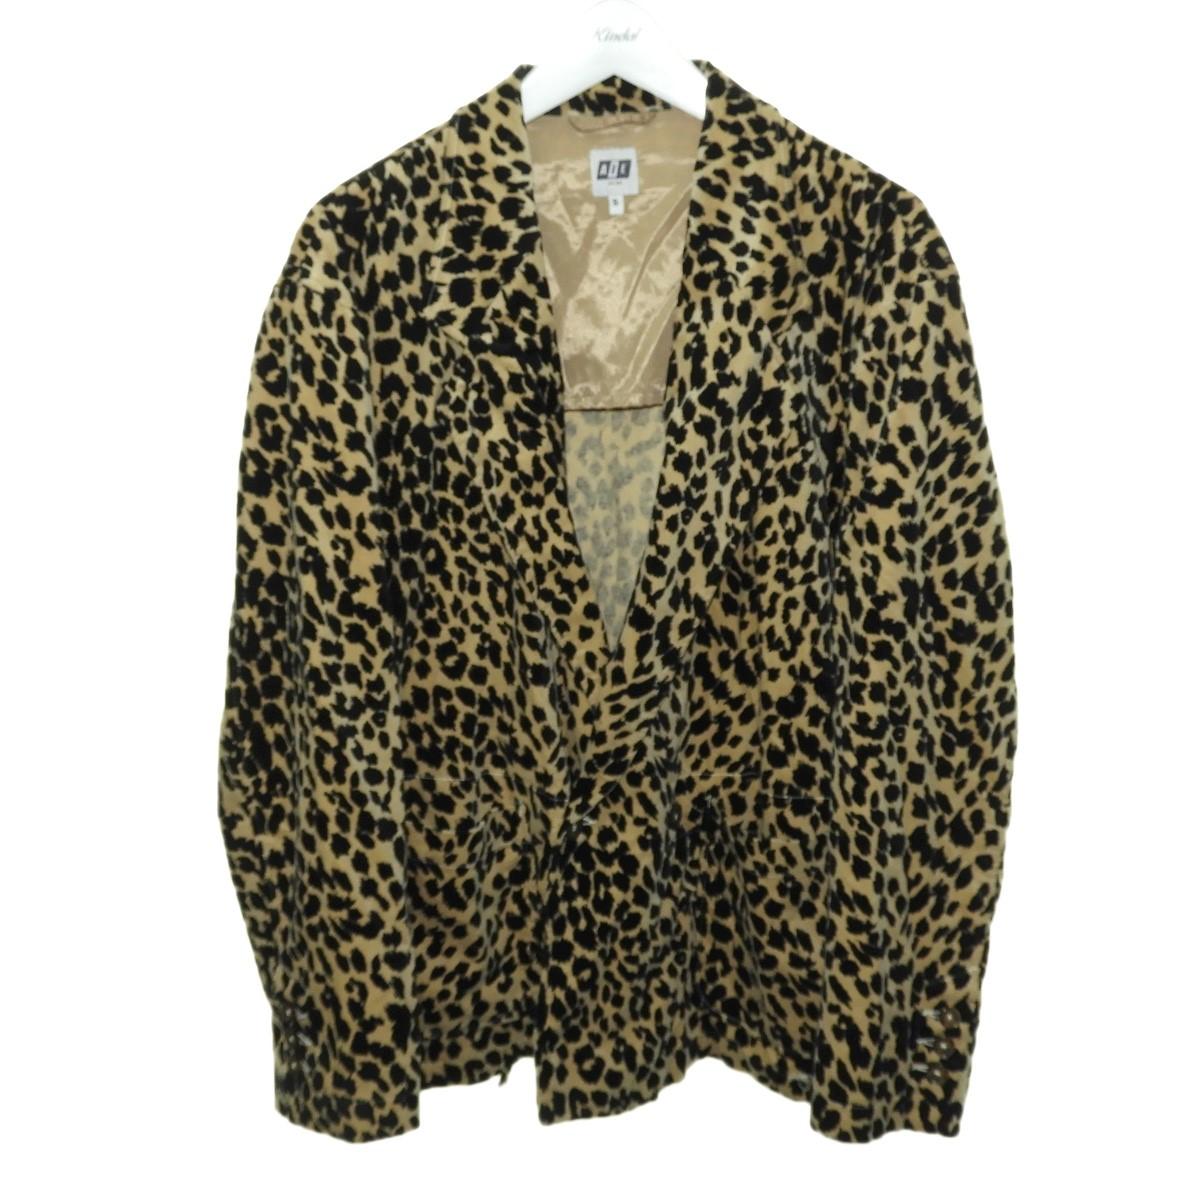 【中古】AiE 2019AW「EZ JACKET-Leopard Velveteen」レオパードテーラードジャケット ベージュ×ブラック サイズ:S 【140620】(エーアイイー)